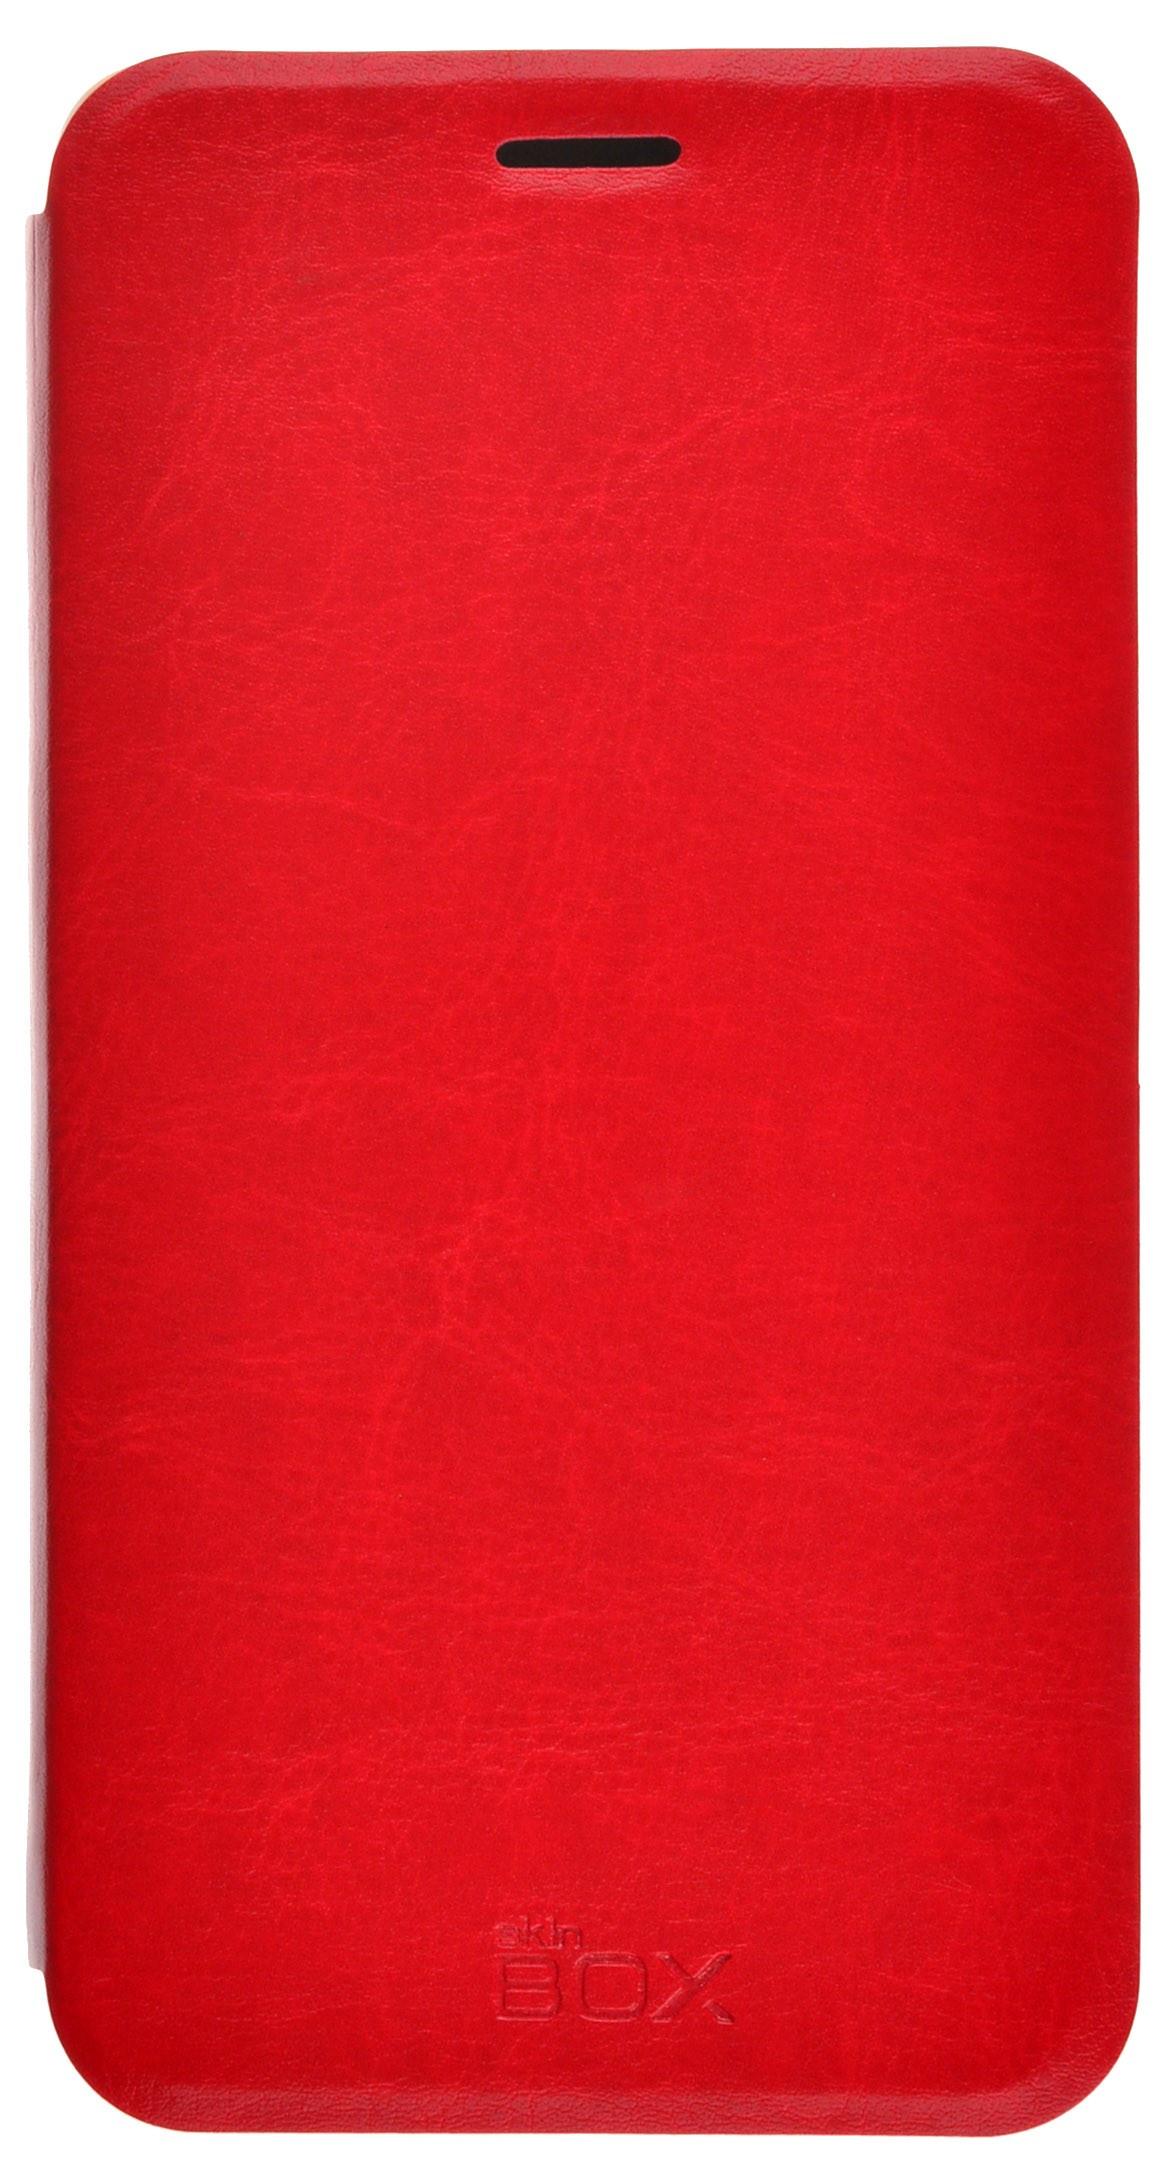 Чехол для сотового телефона skinBOX Lux, 4630042528352, красный